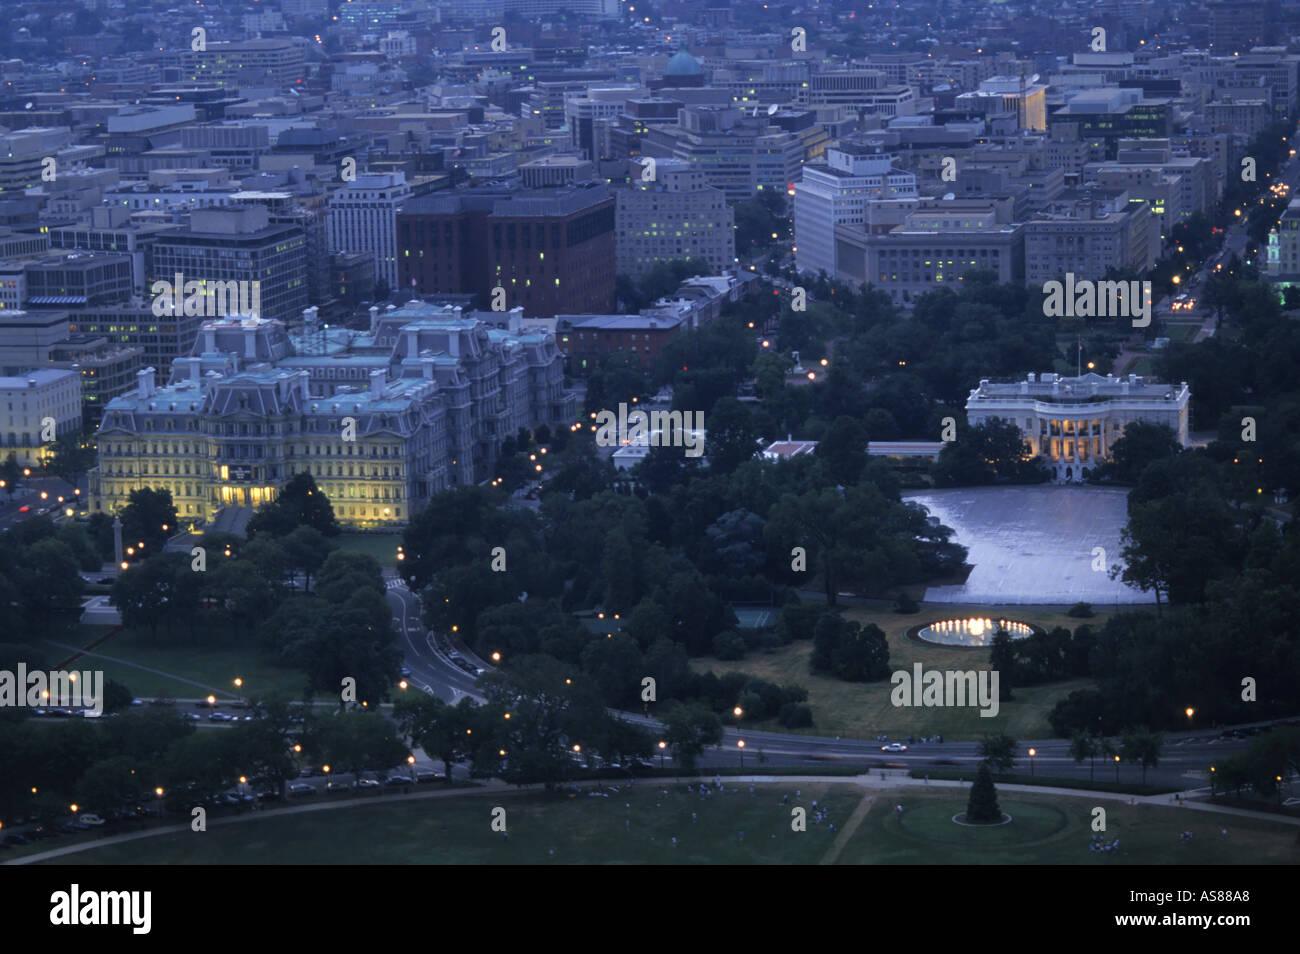 White House Aerial View Dc Stock Photos White House Aerial View Dc